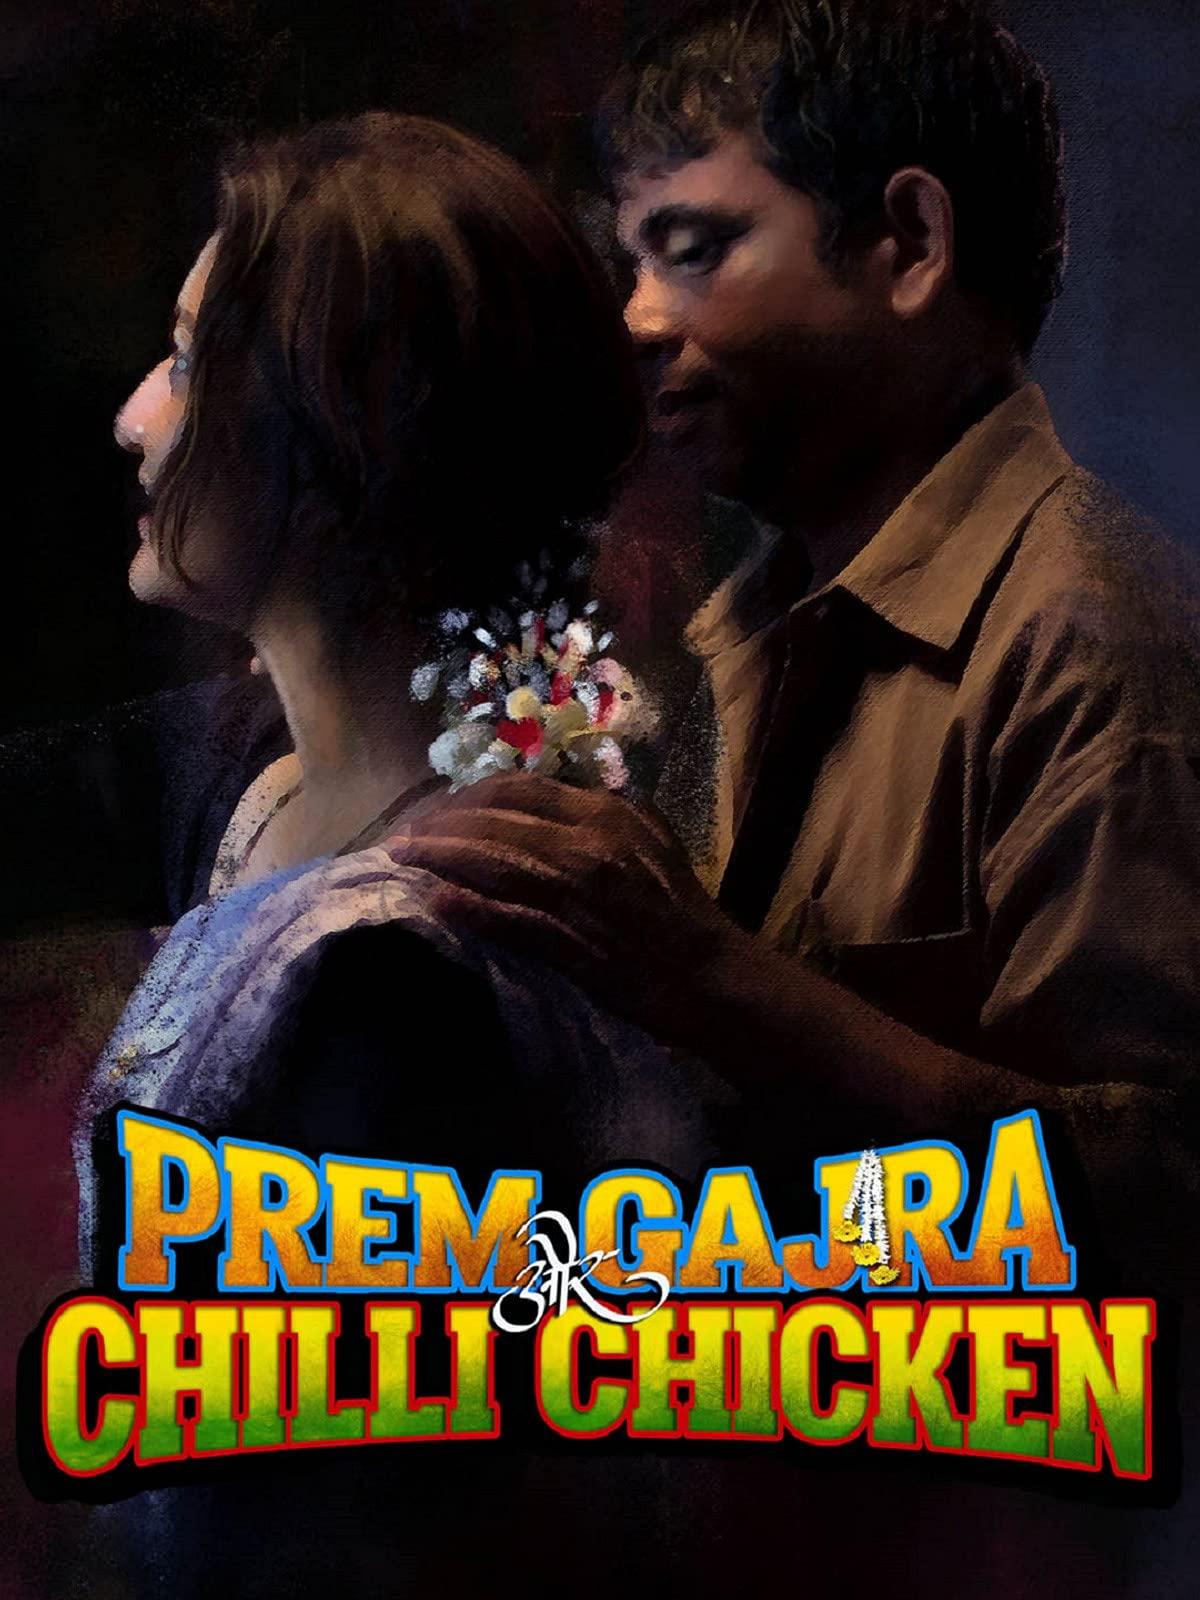 Prem Gajra Chilli Chicken